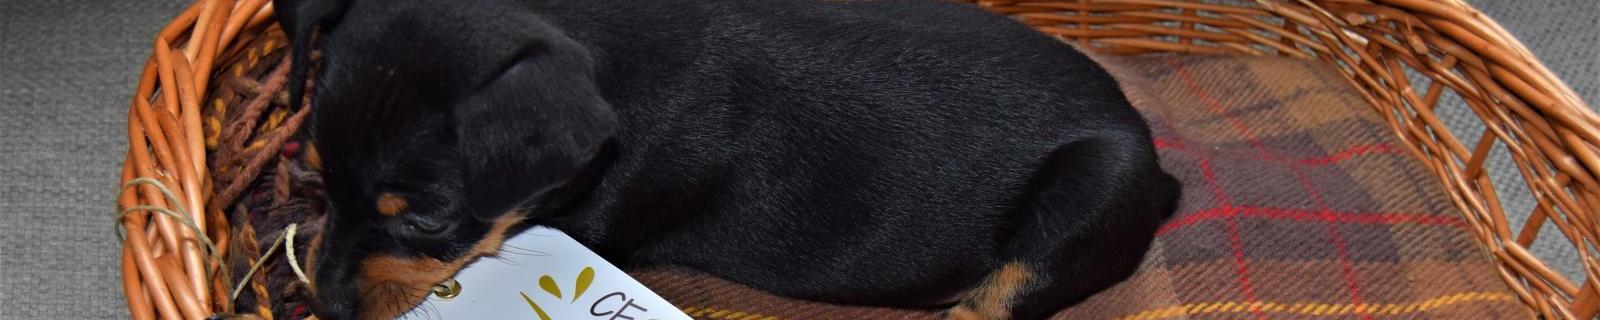 Cestas para perros y gatos: Una cesta de Cestas Home hará las delicias de tu mascota